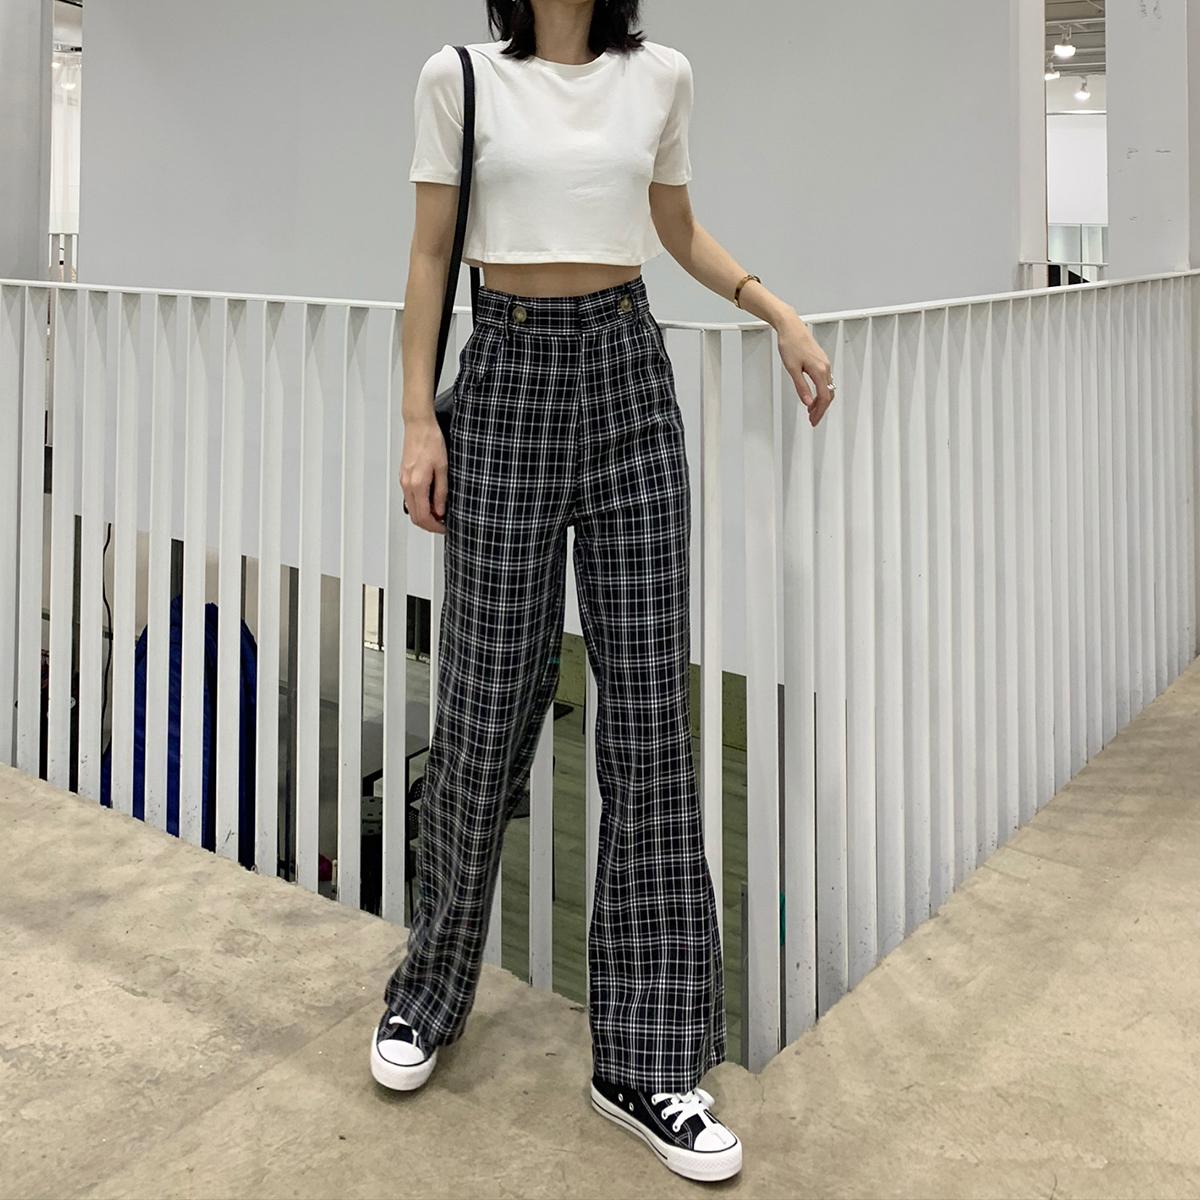 裤子女夏2019新款宽松休闲阔腿裤直筒高腰垂感显瘦百搭薄款格子裤